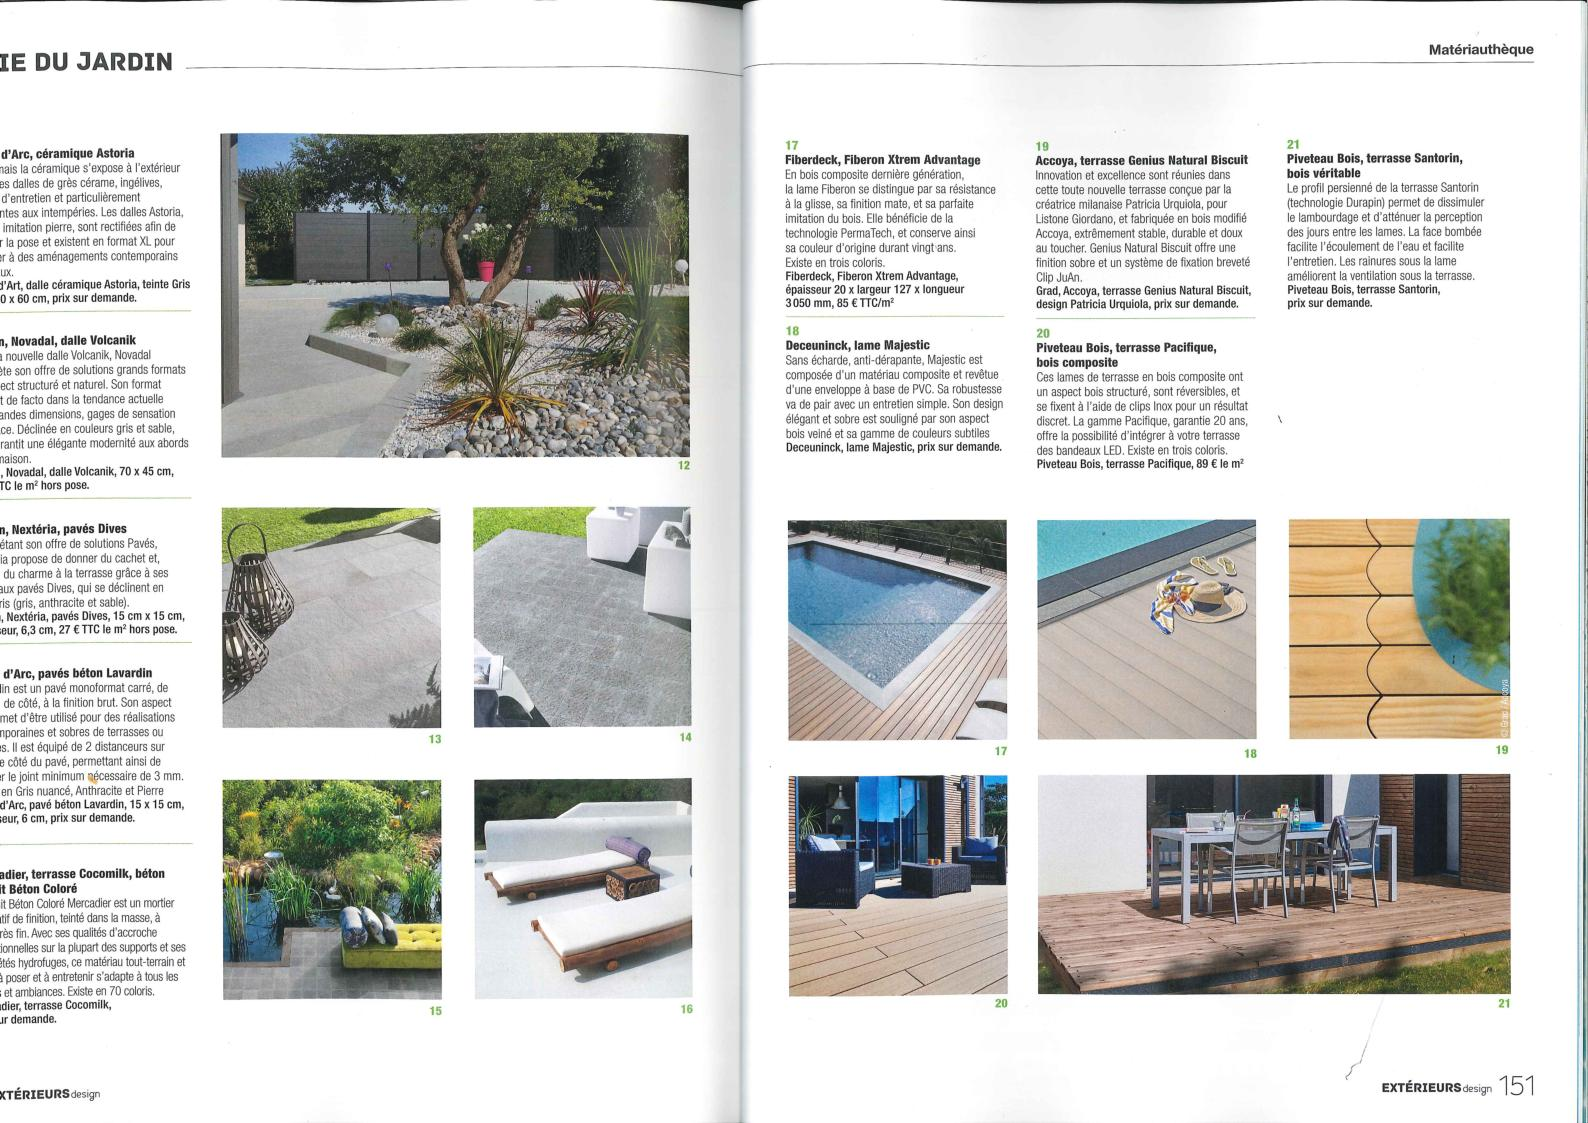 Calaméo - Exterieur Design Article Pacifique Et Santorin